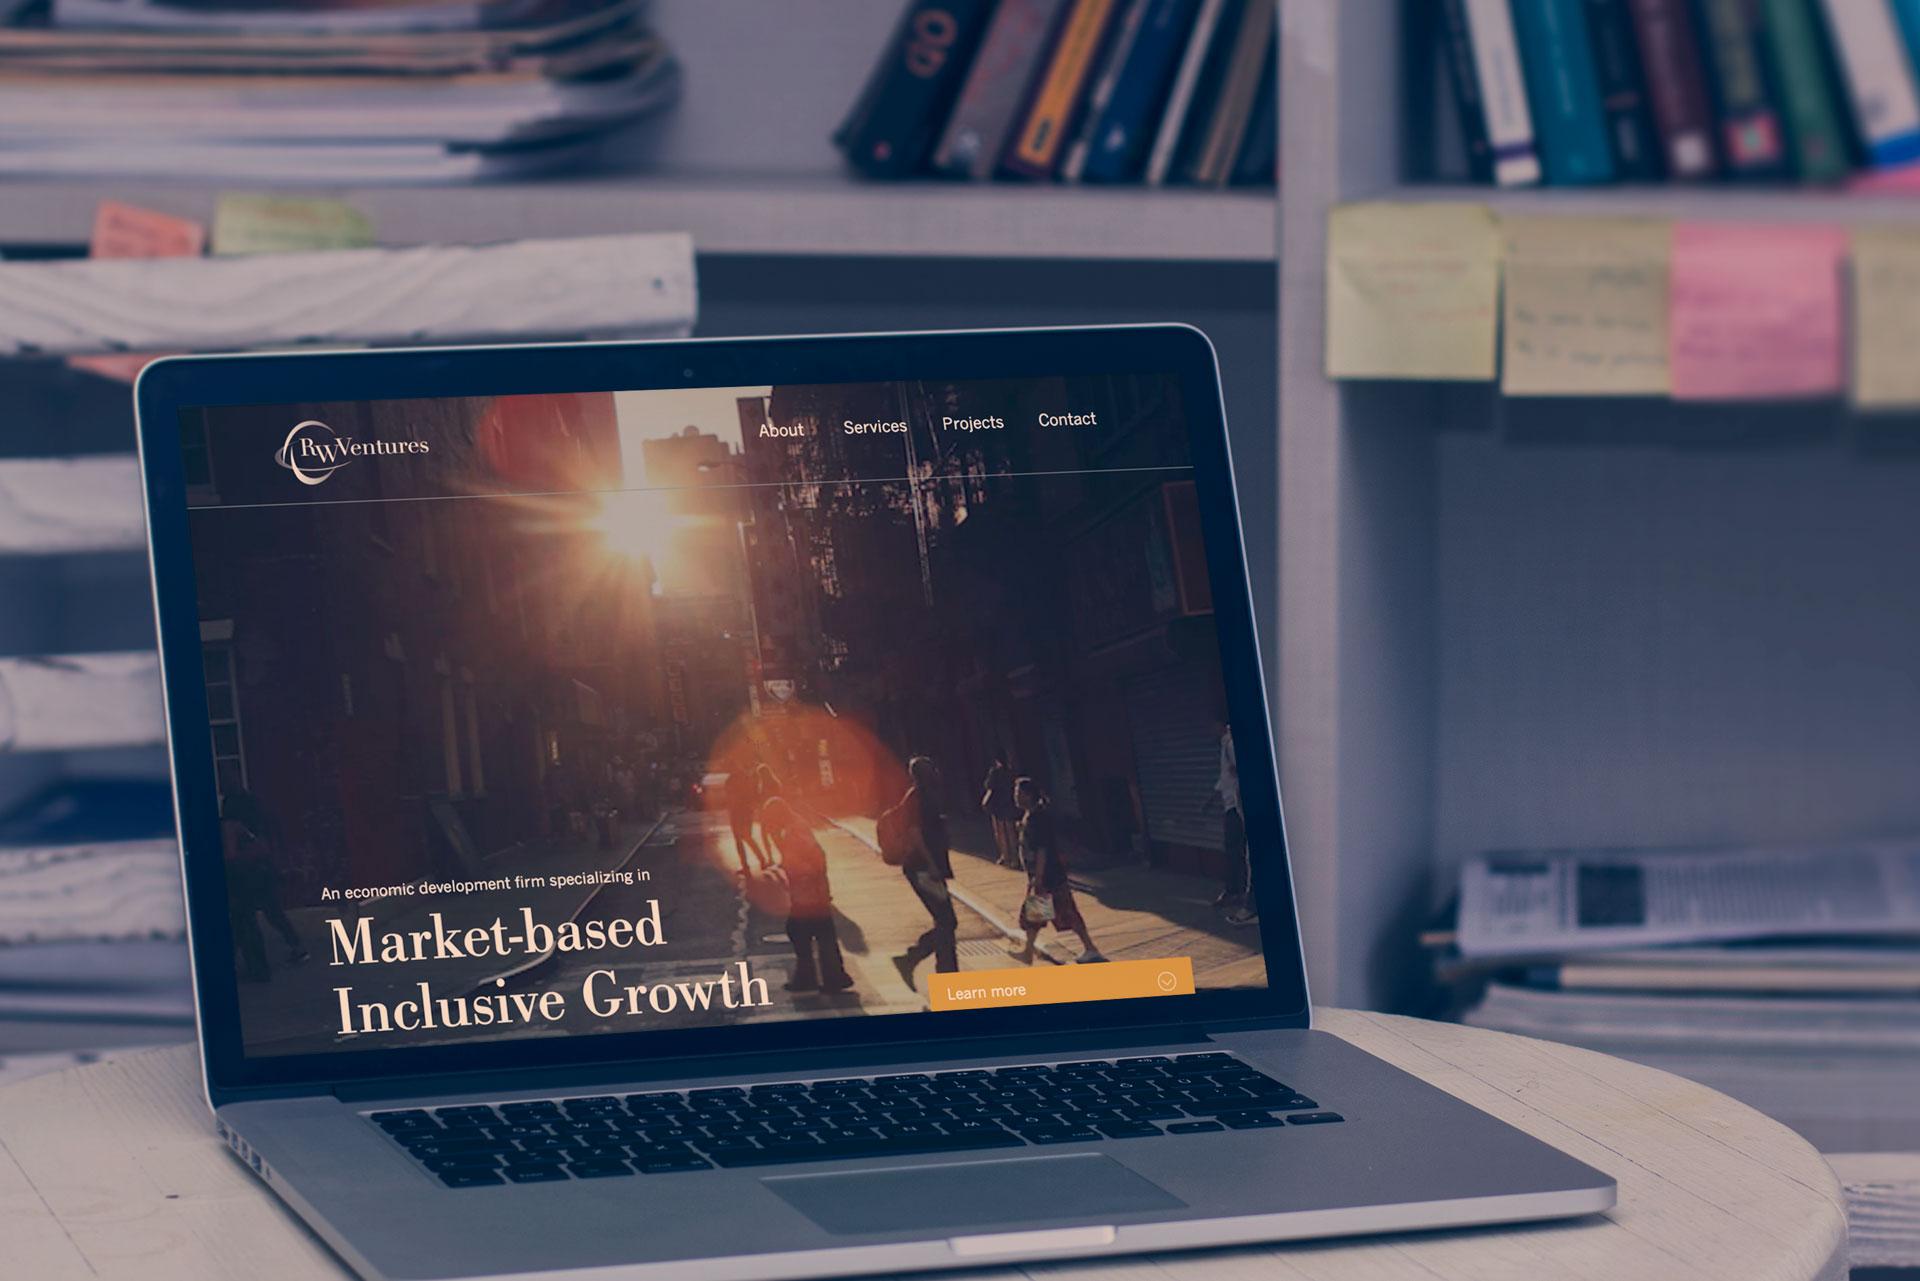 rw-ventures_homepage.jpg